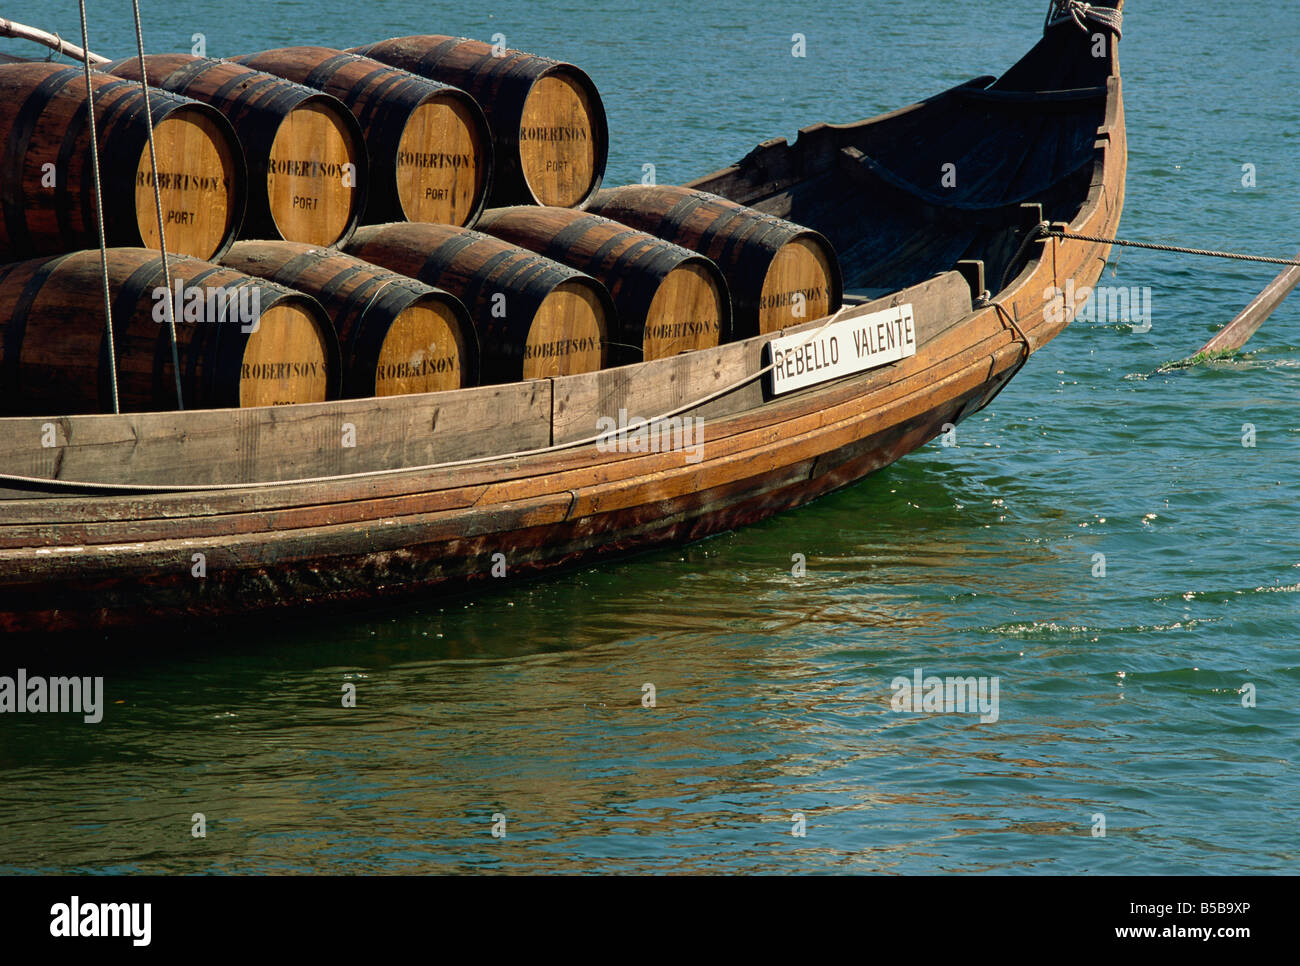 Port barrels, River Douro, Oporto, Portugal, Europe - Stock Image